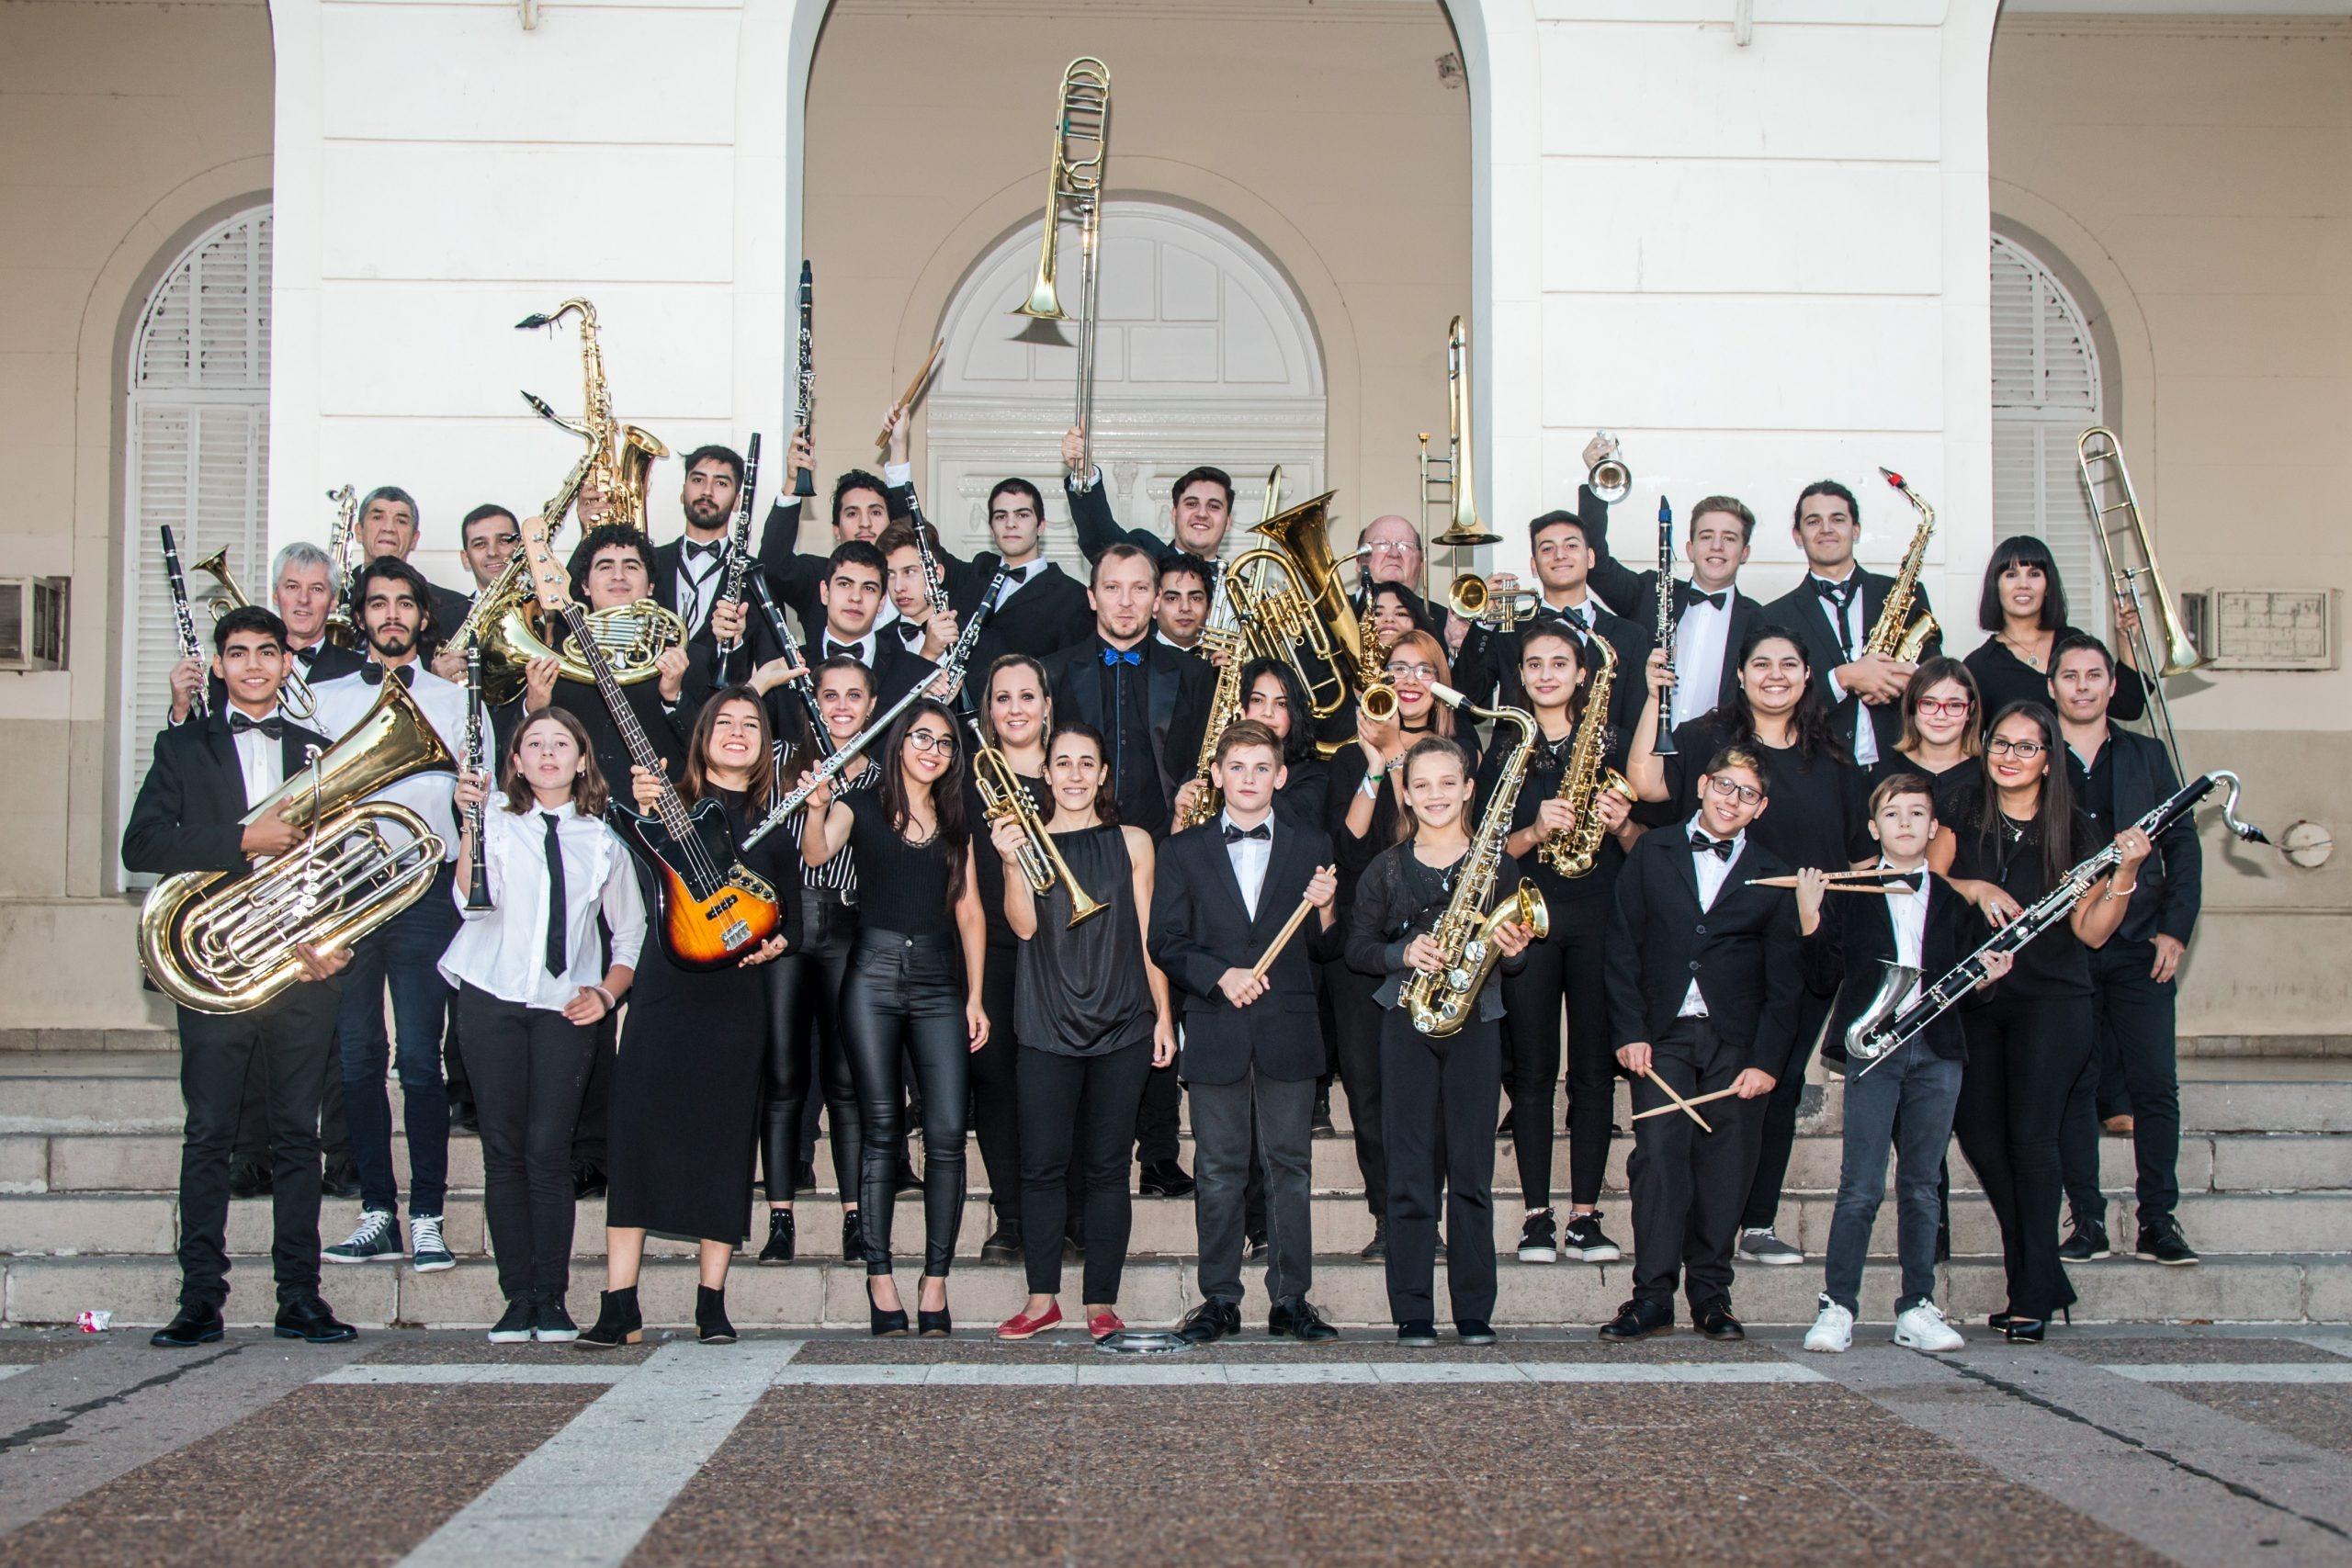 Esta noche el Ensamble de Vientos y Percusión revivirá para todos el concierto que dio en el CCK a través de las redes sociales